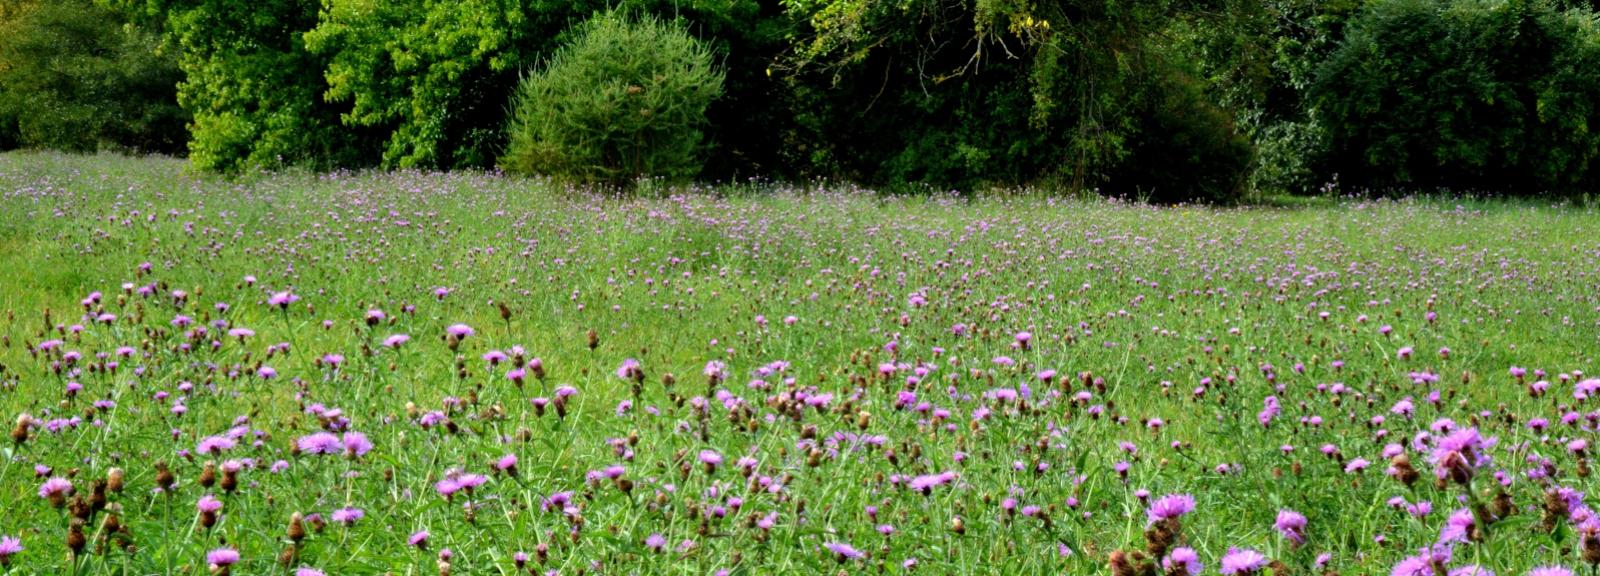 Prairie de la zone horticole fleurie de centaurées en septembre © MNHN - S. Gerbault